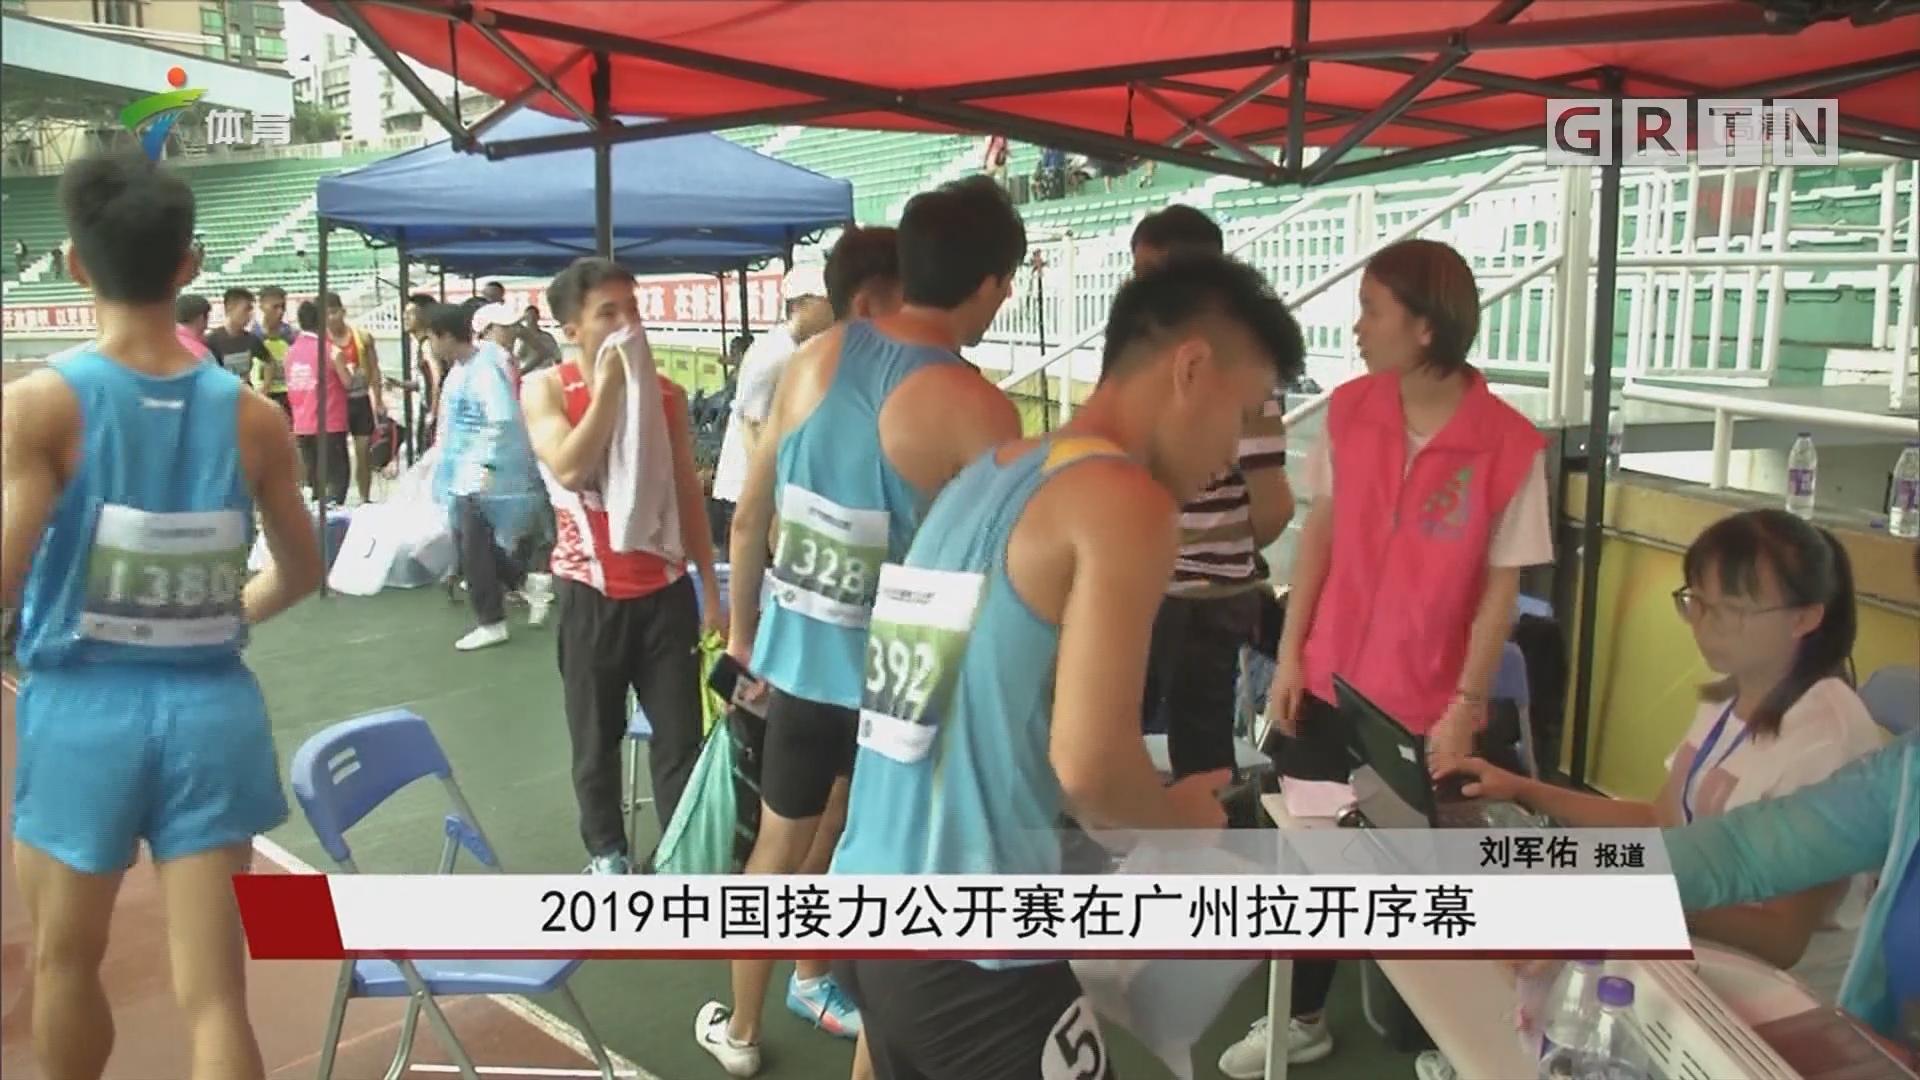 2019中国接力公开赛在广州拉开序幕